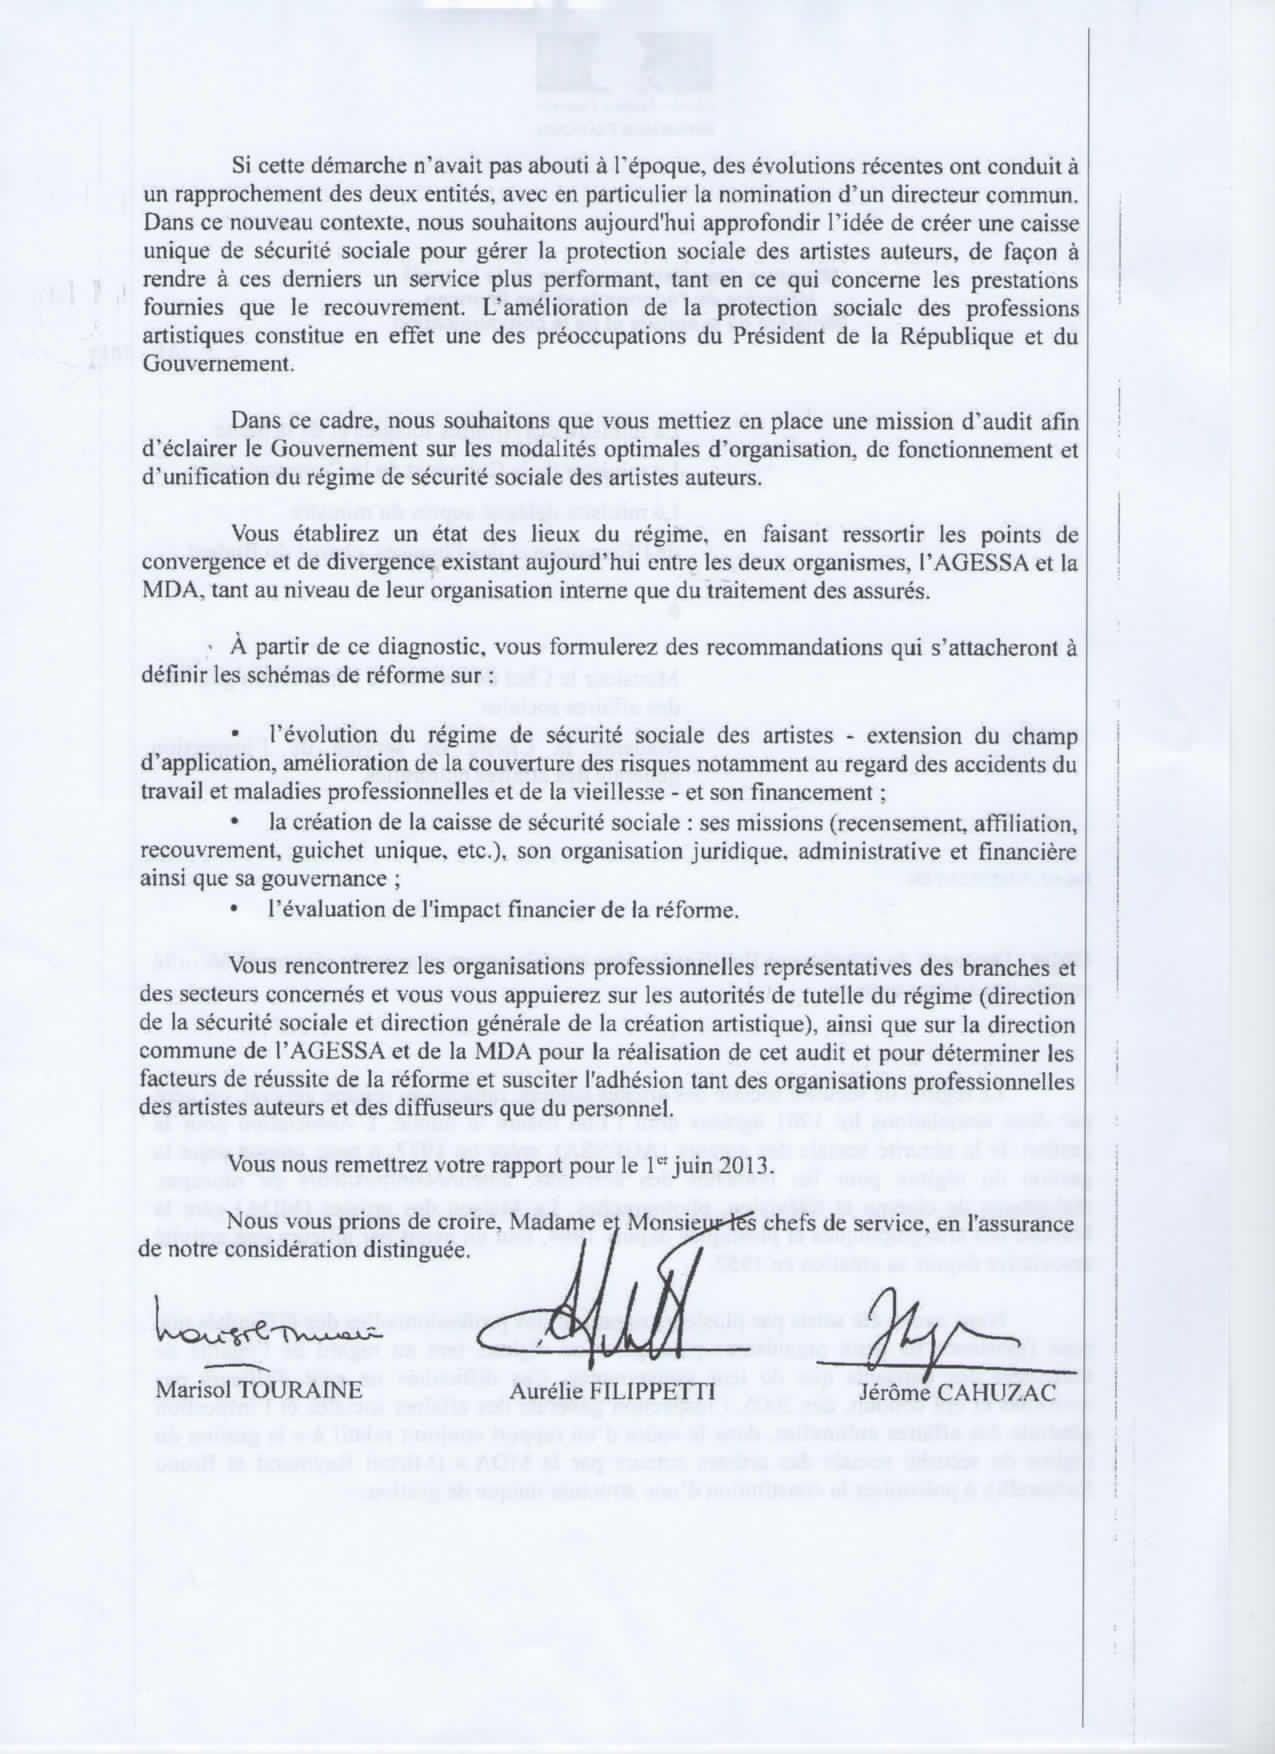 Important lettre des trois ministres affaires sociales for Agessa ou maison des artistes